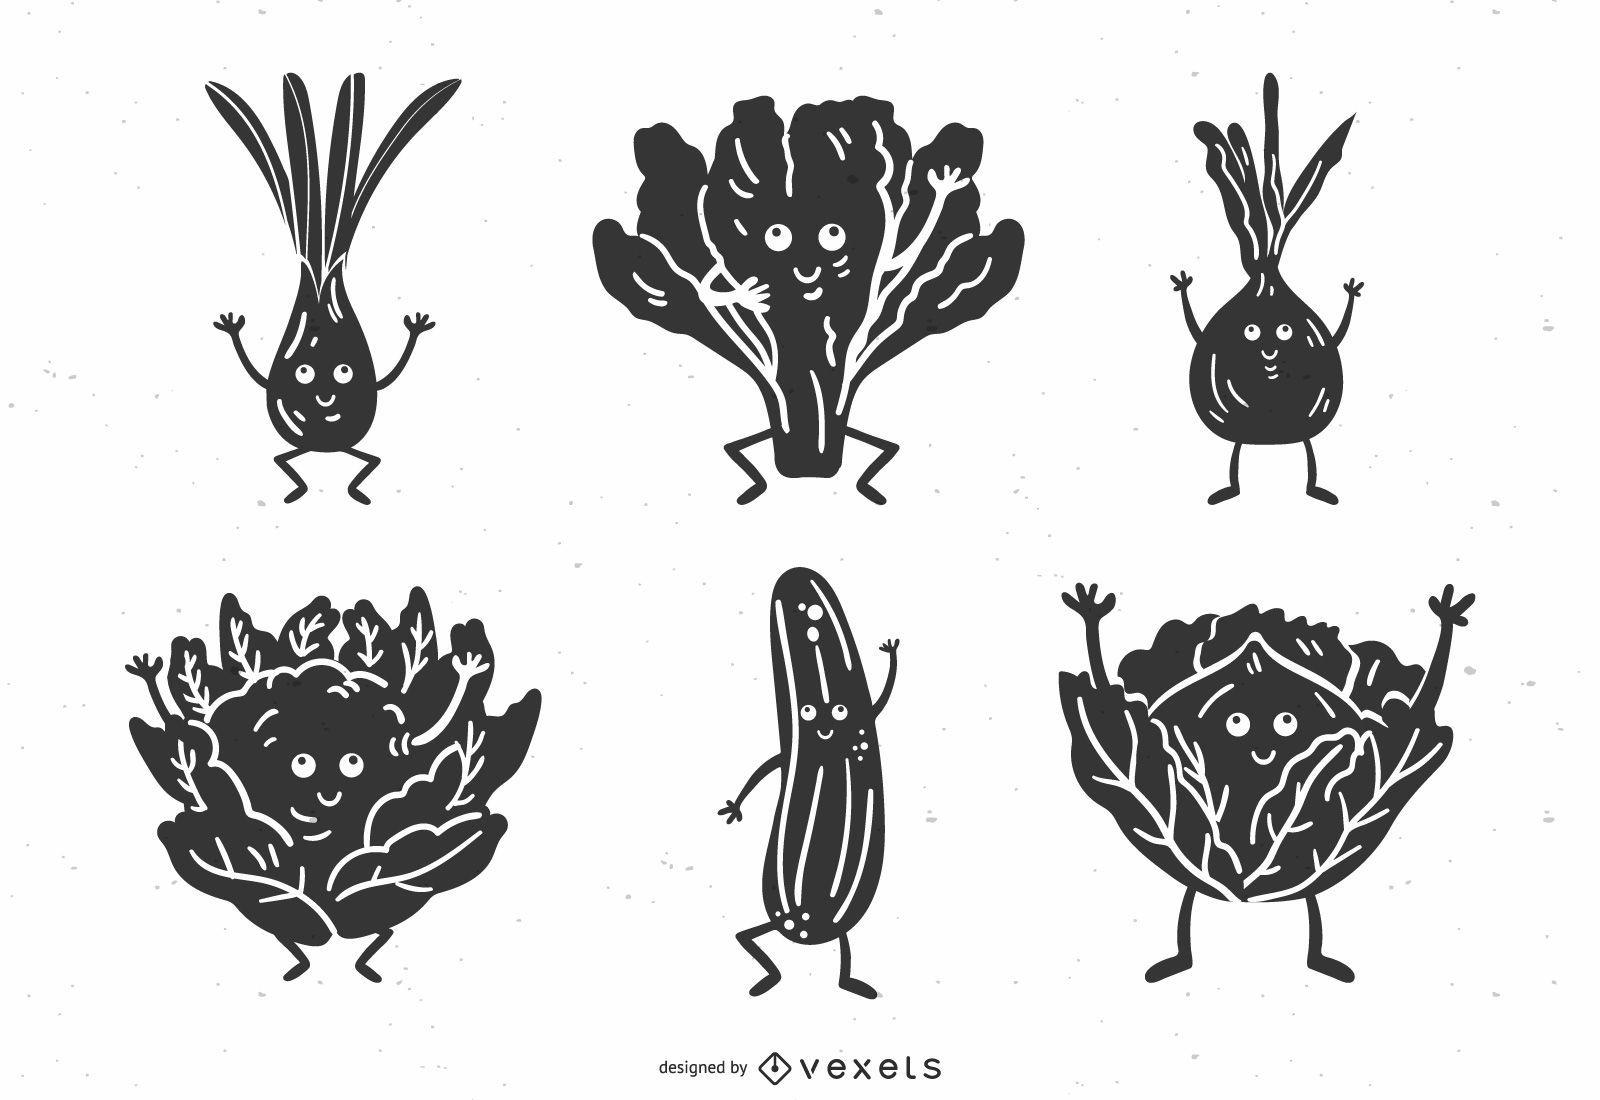 Detaillierte Gemüse Silhouette Pack